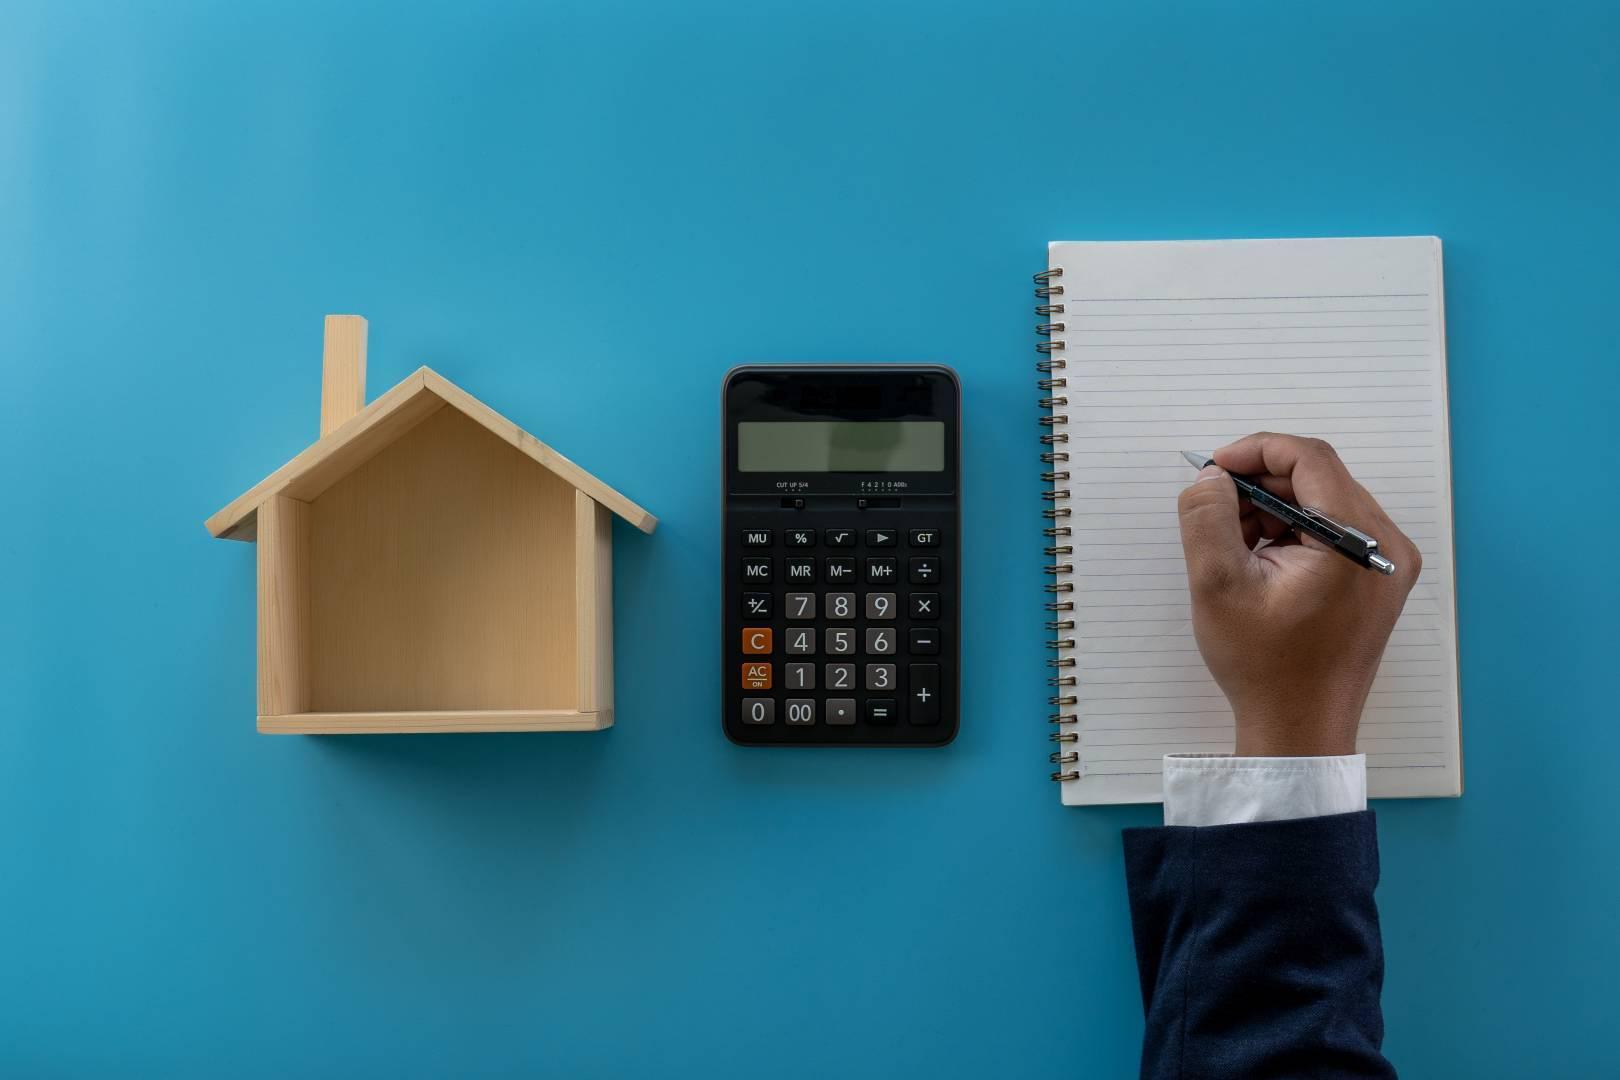 la plus-value immobilière